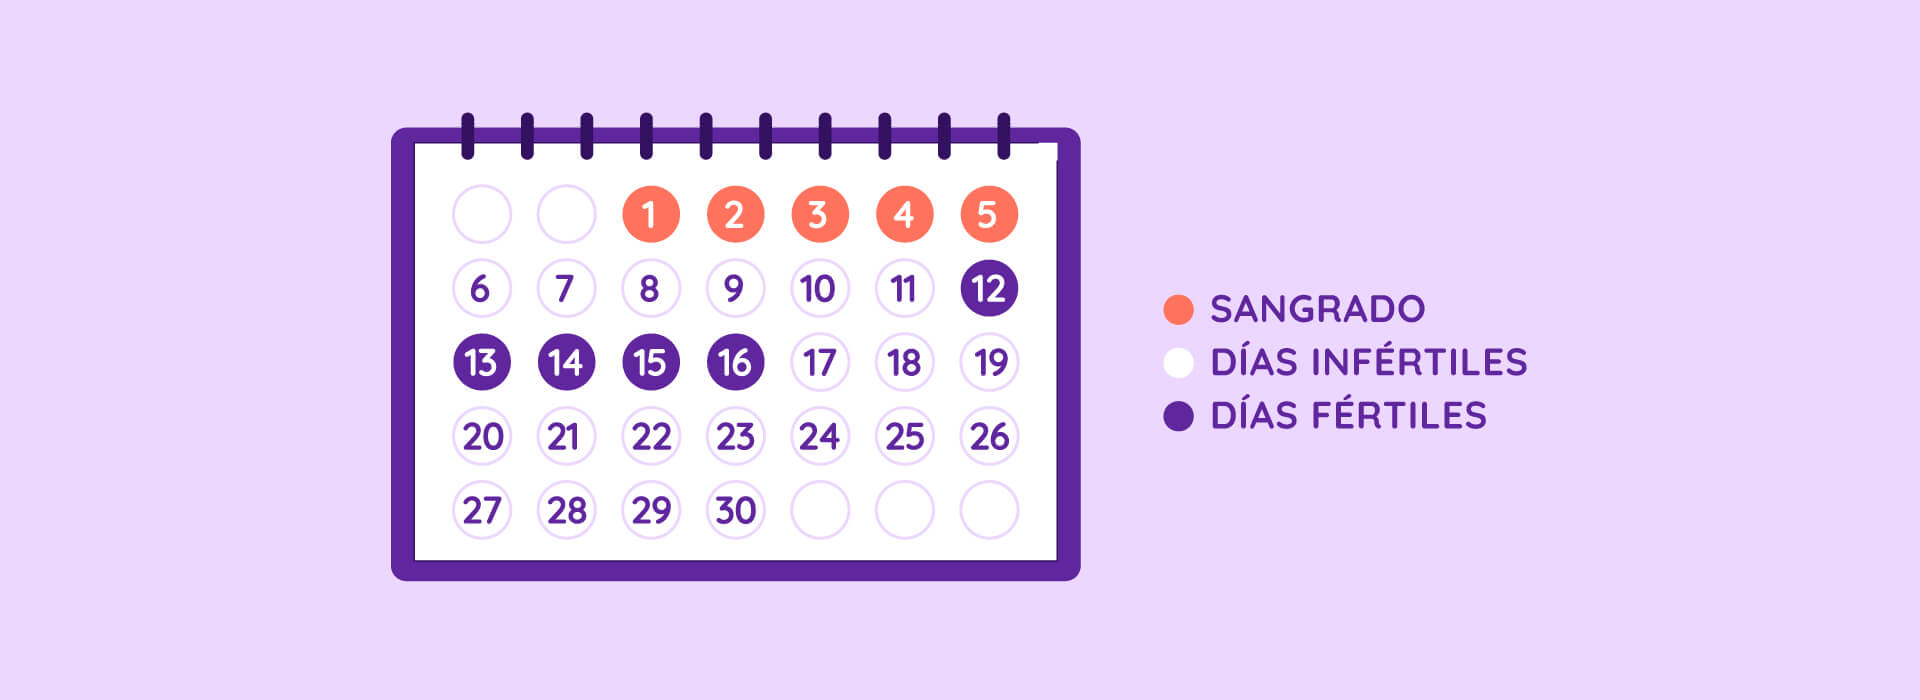 calendario mensual de ovulación con los días fértiles, infértiles y de sangrado por menstruación de Íntima.